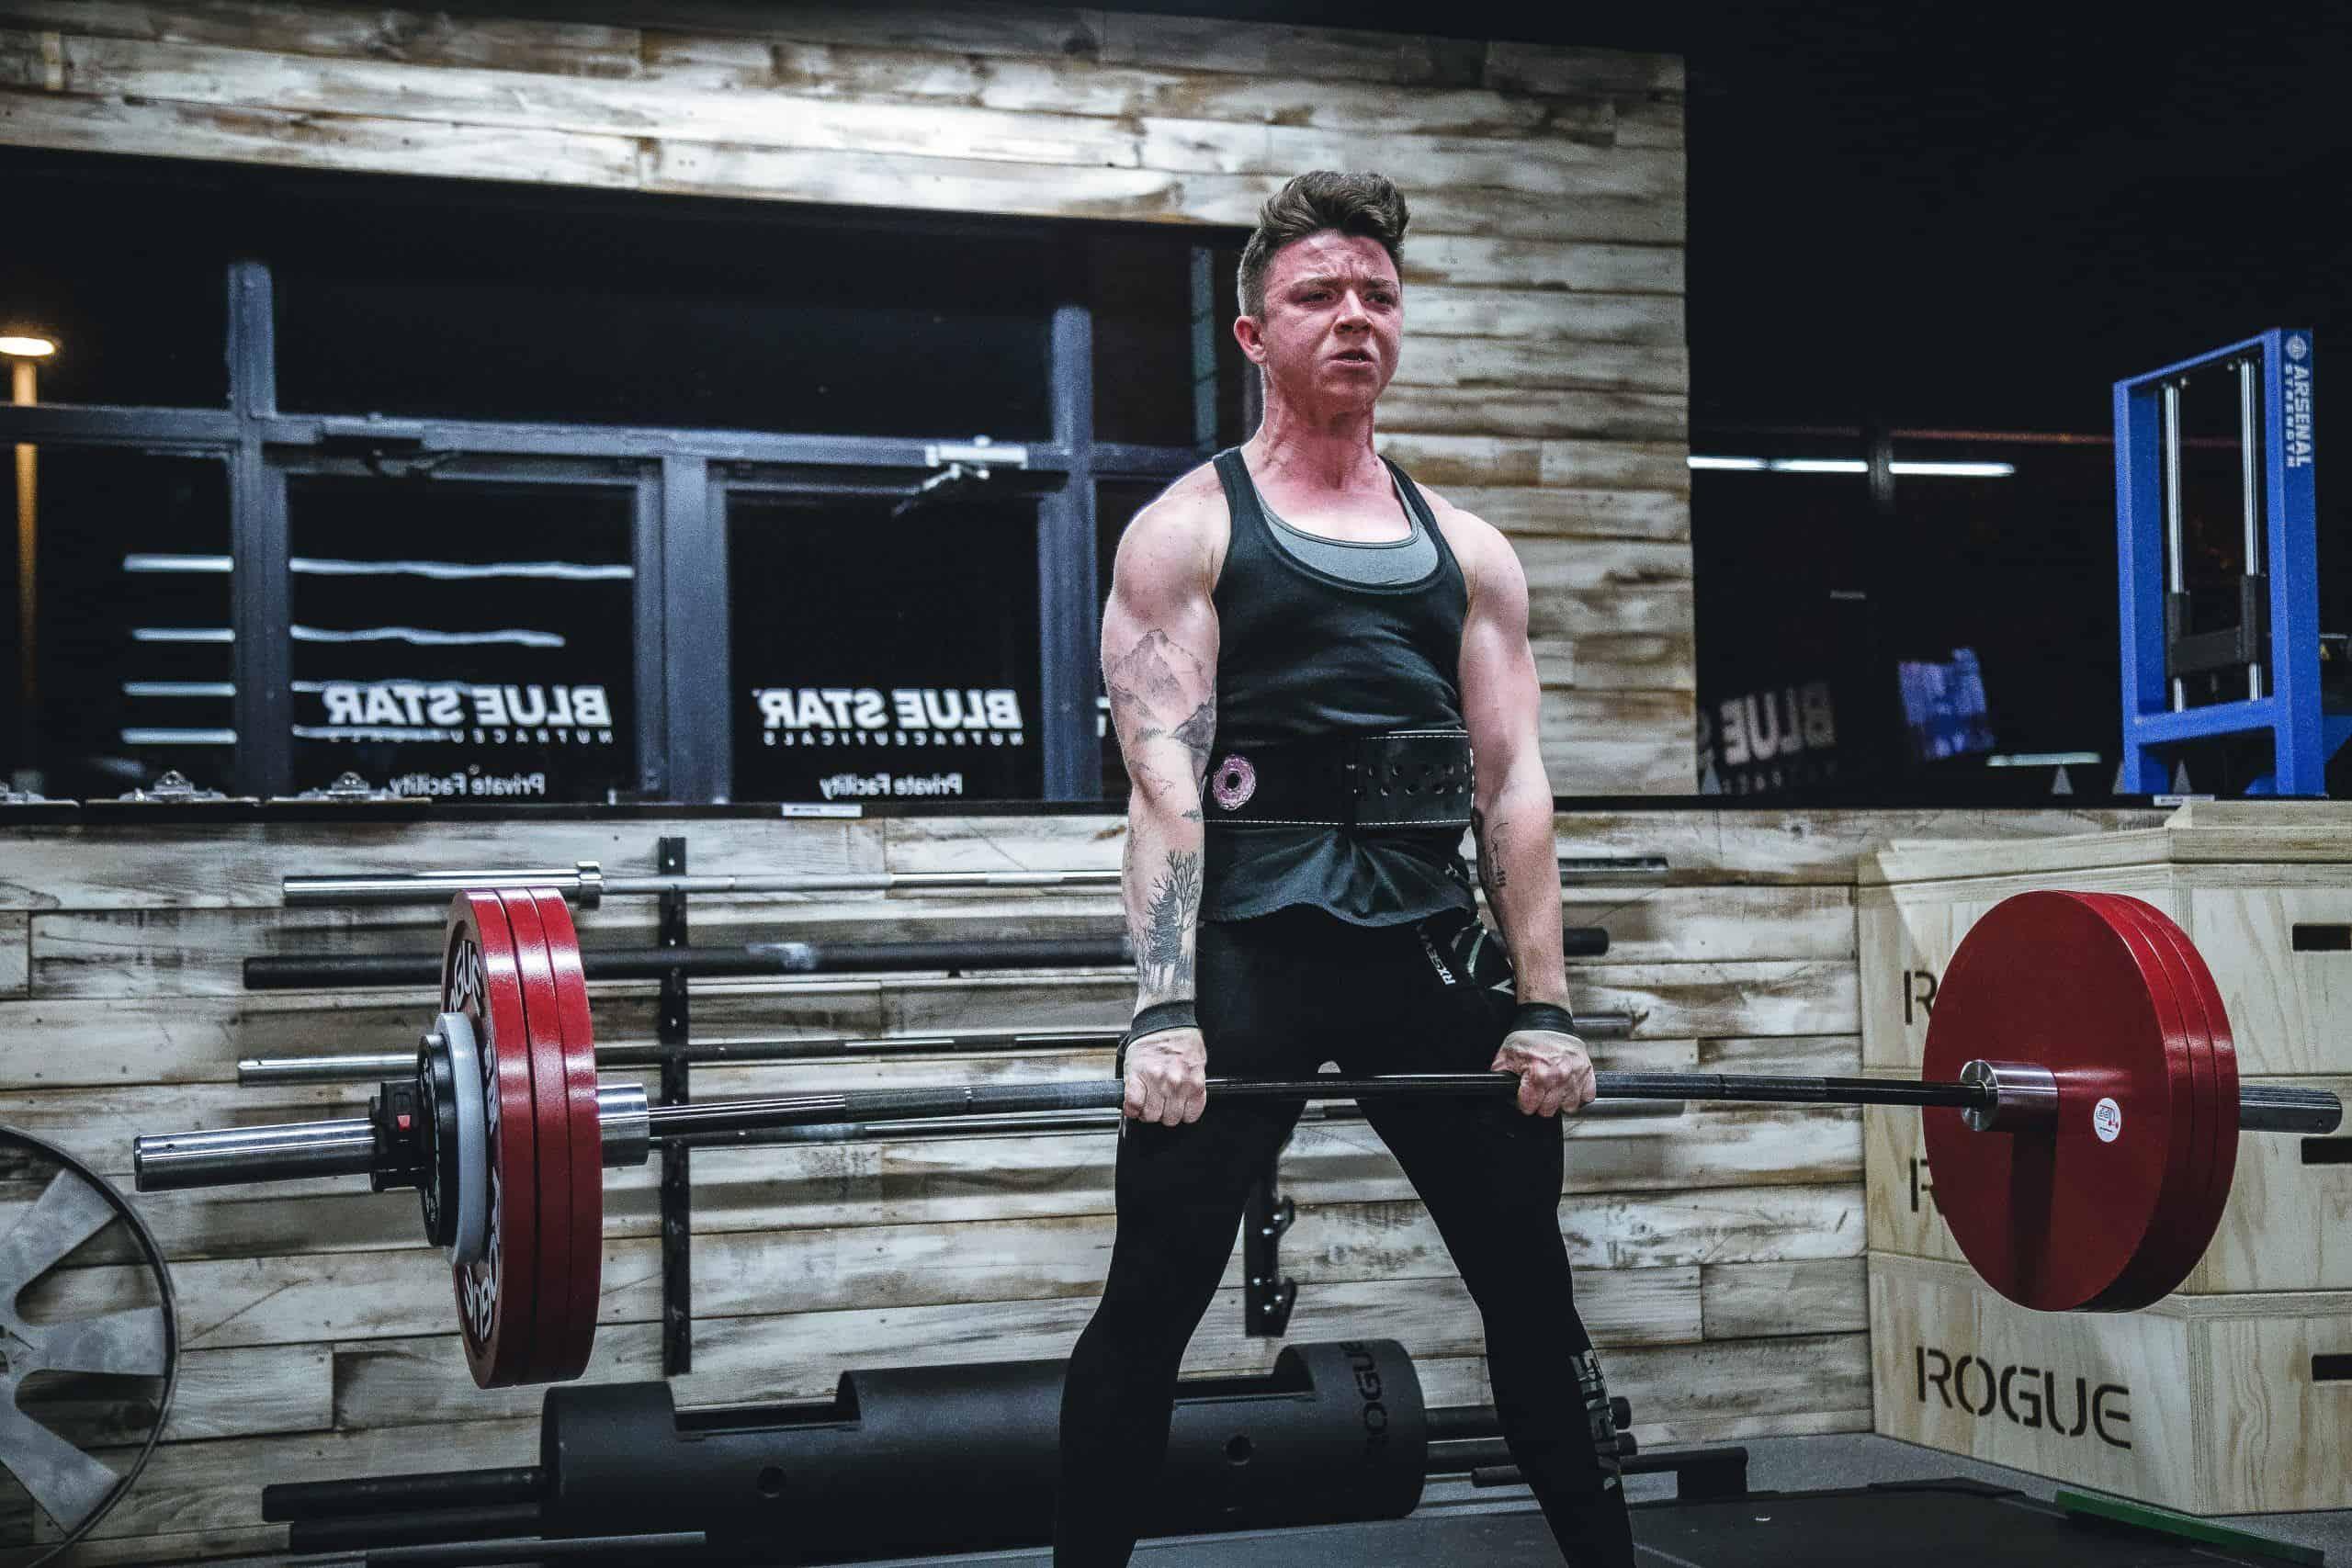 inked guy lifting